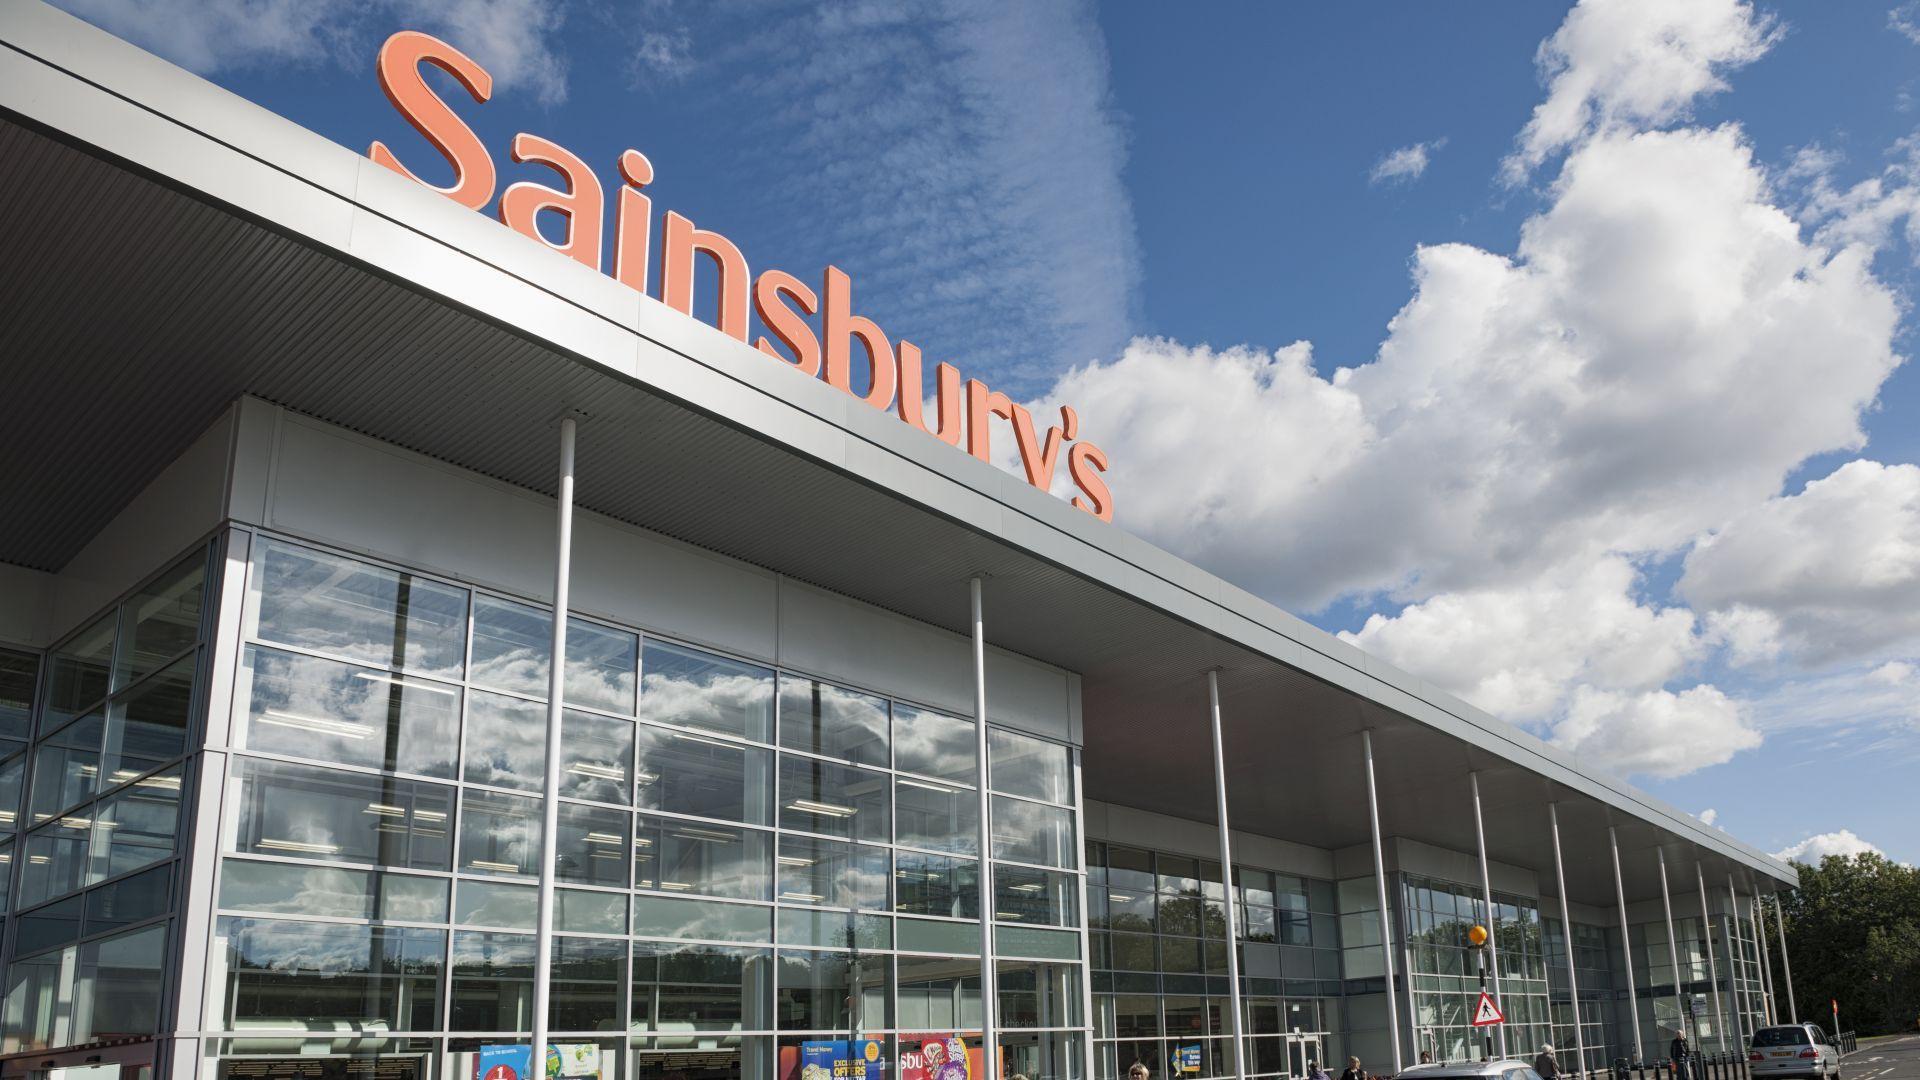 Британската верига супермаркети Сейнсбърис съкращава 3500 човека